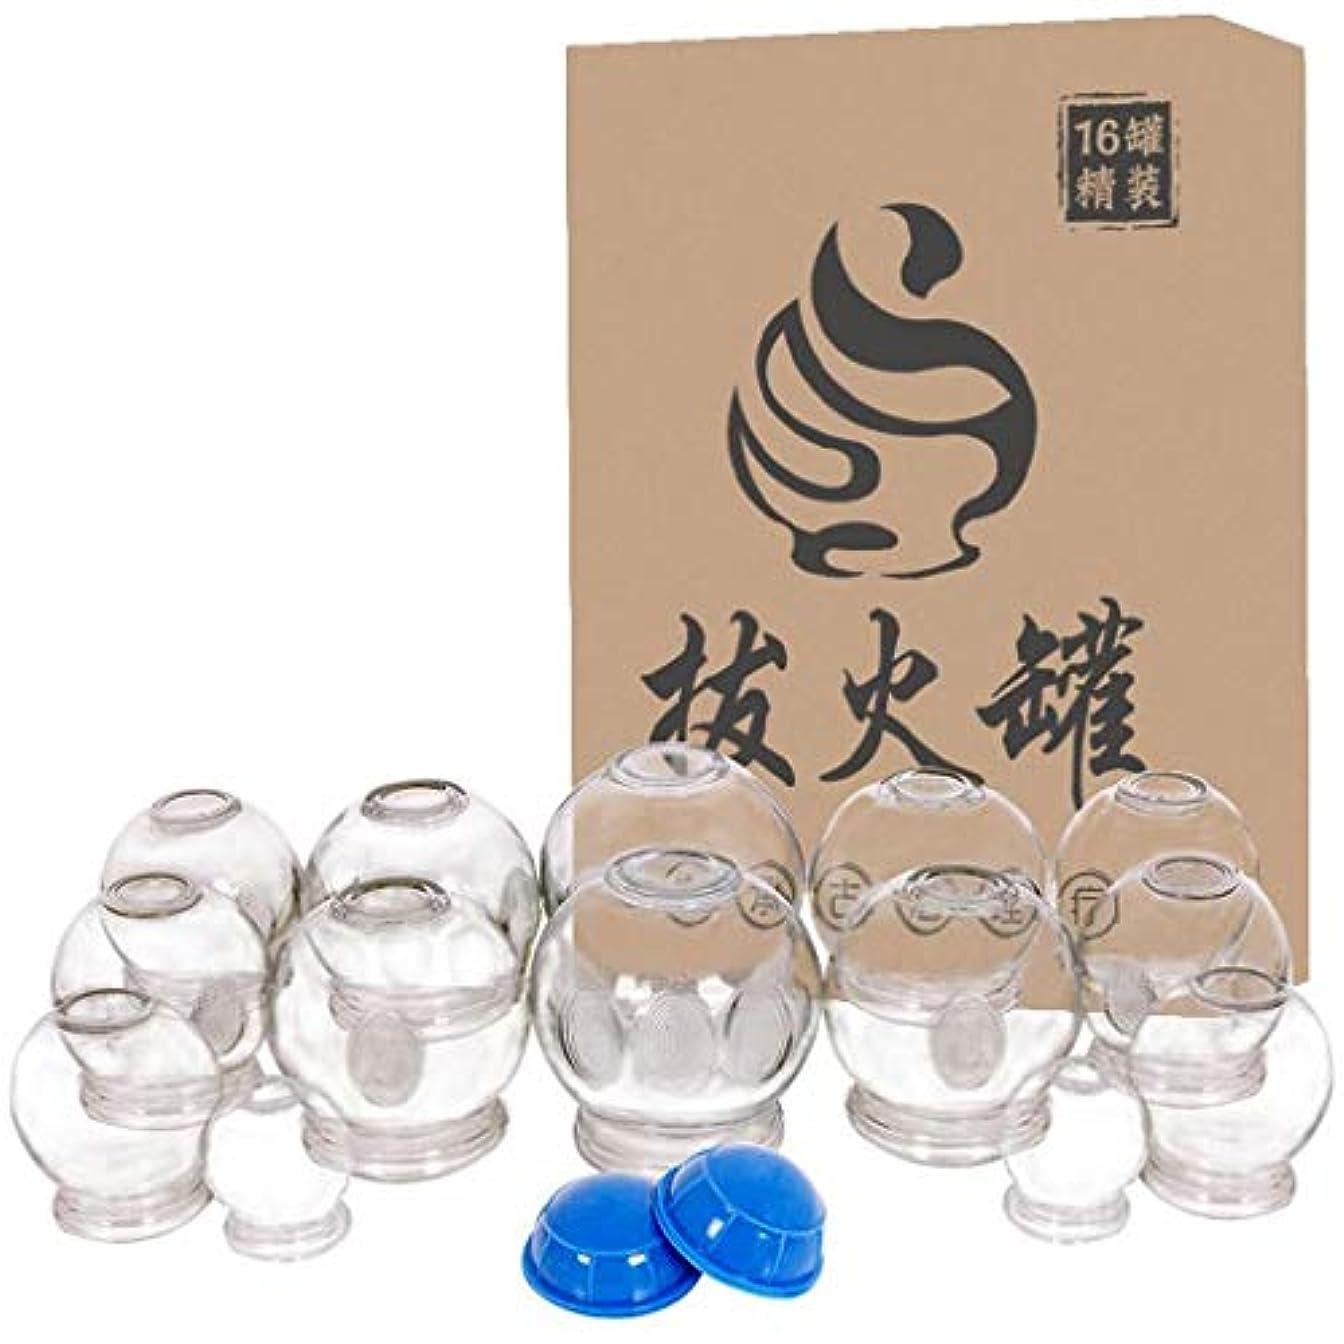 船員蘇生するこっそりガラスカッピング家庭医療美容サロンをカッピングデバイスをカッピングプロフェッショナルのために16個厚いガラスカッピングセット